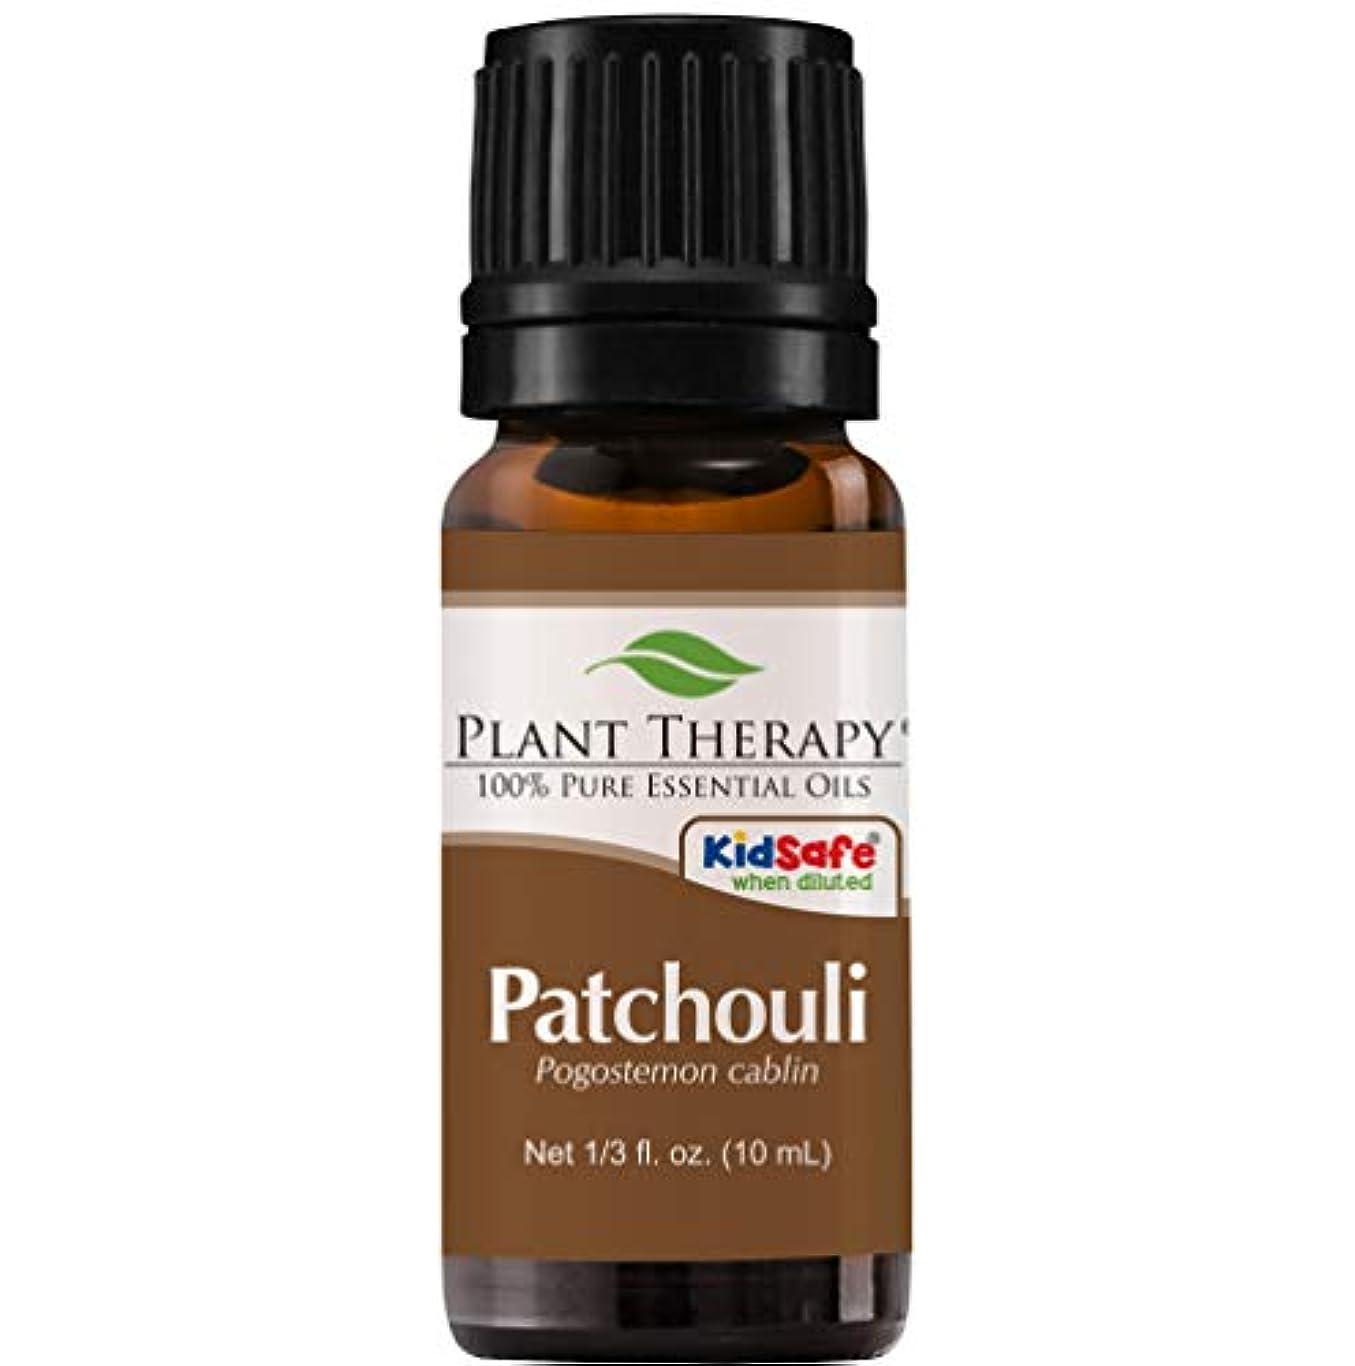 分子機会水星Plant Therapy Essential Oils (プラントセラピー エッセンシャルオイル) パチョリ エッセンシャルオイル